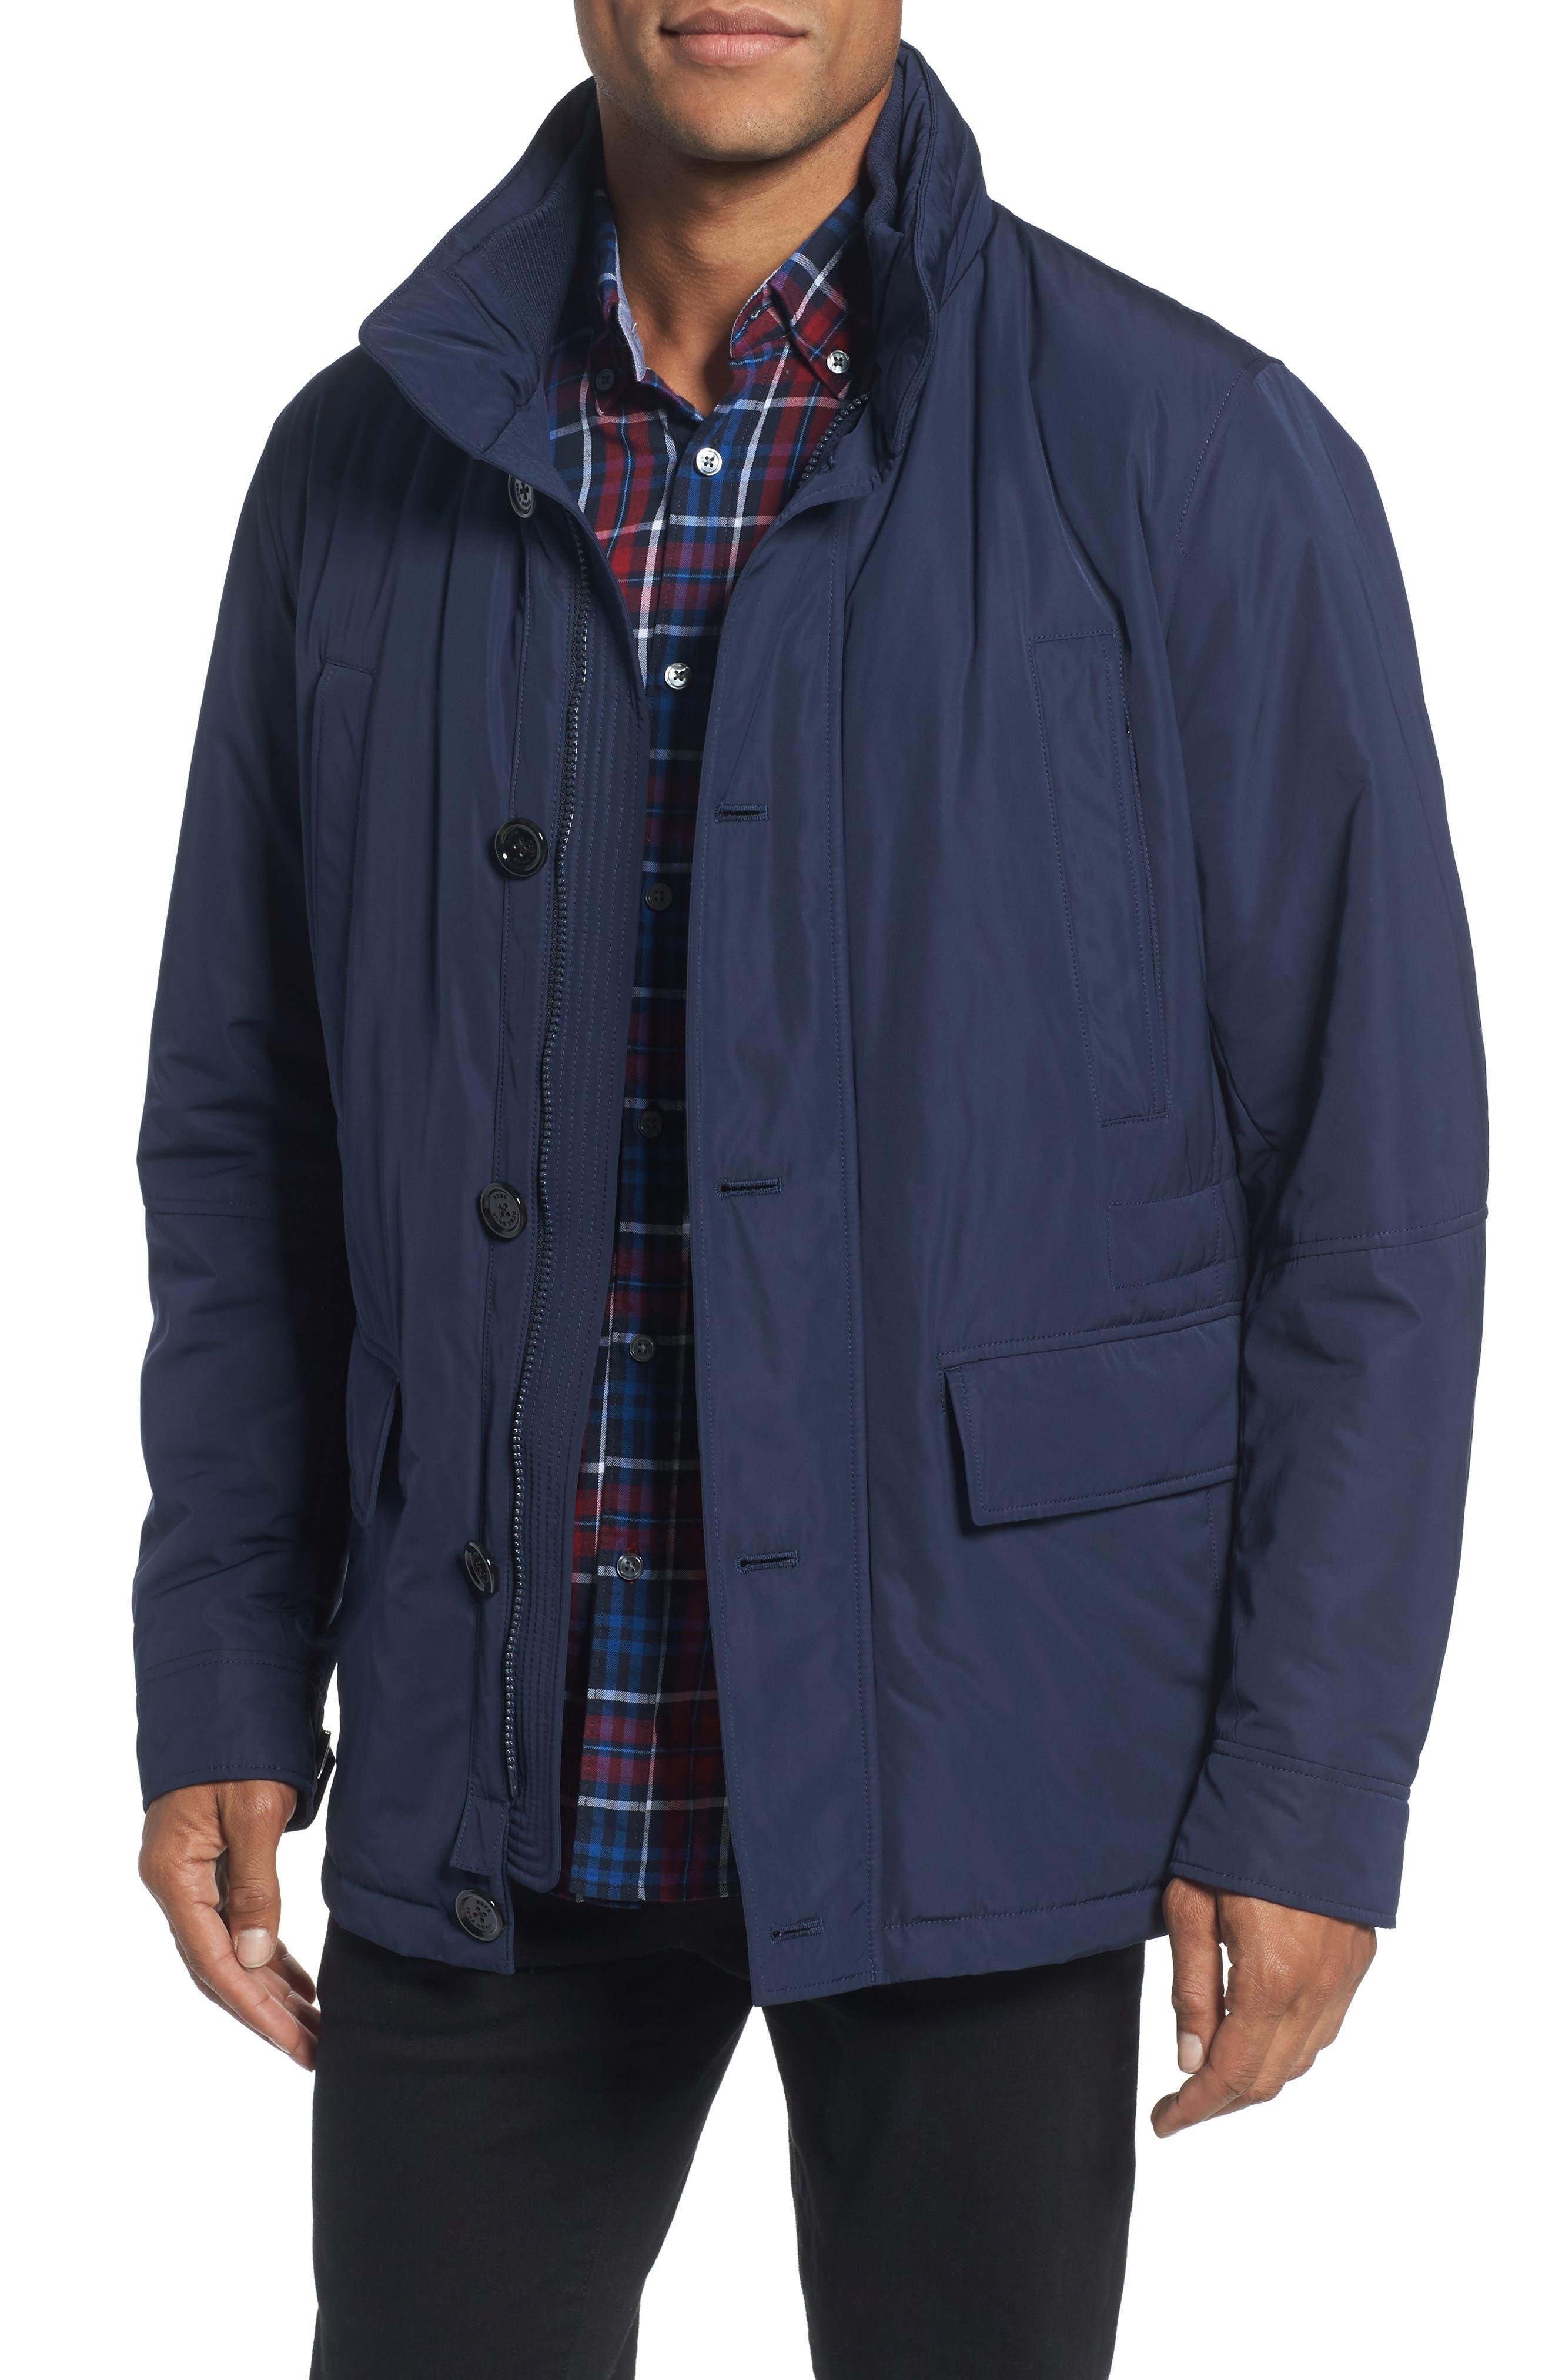 Cento Field Jacket,                             Main thumbnail 1, color,